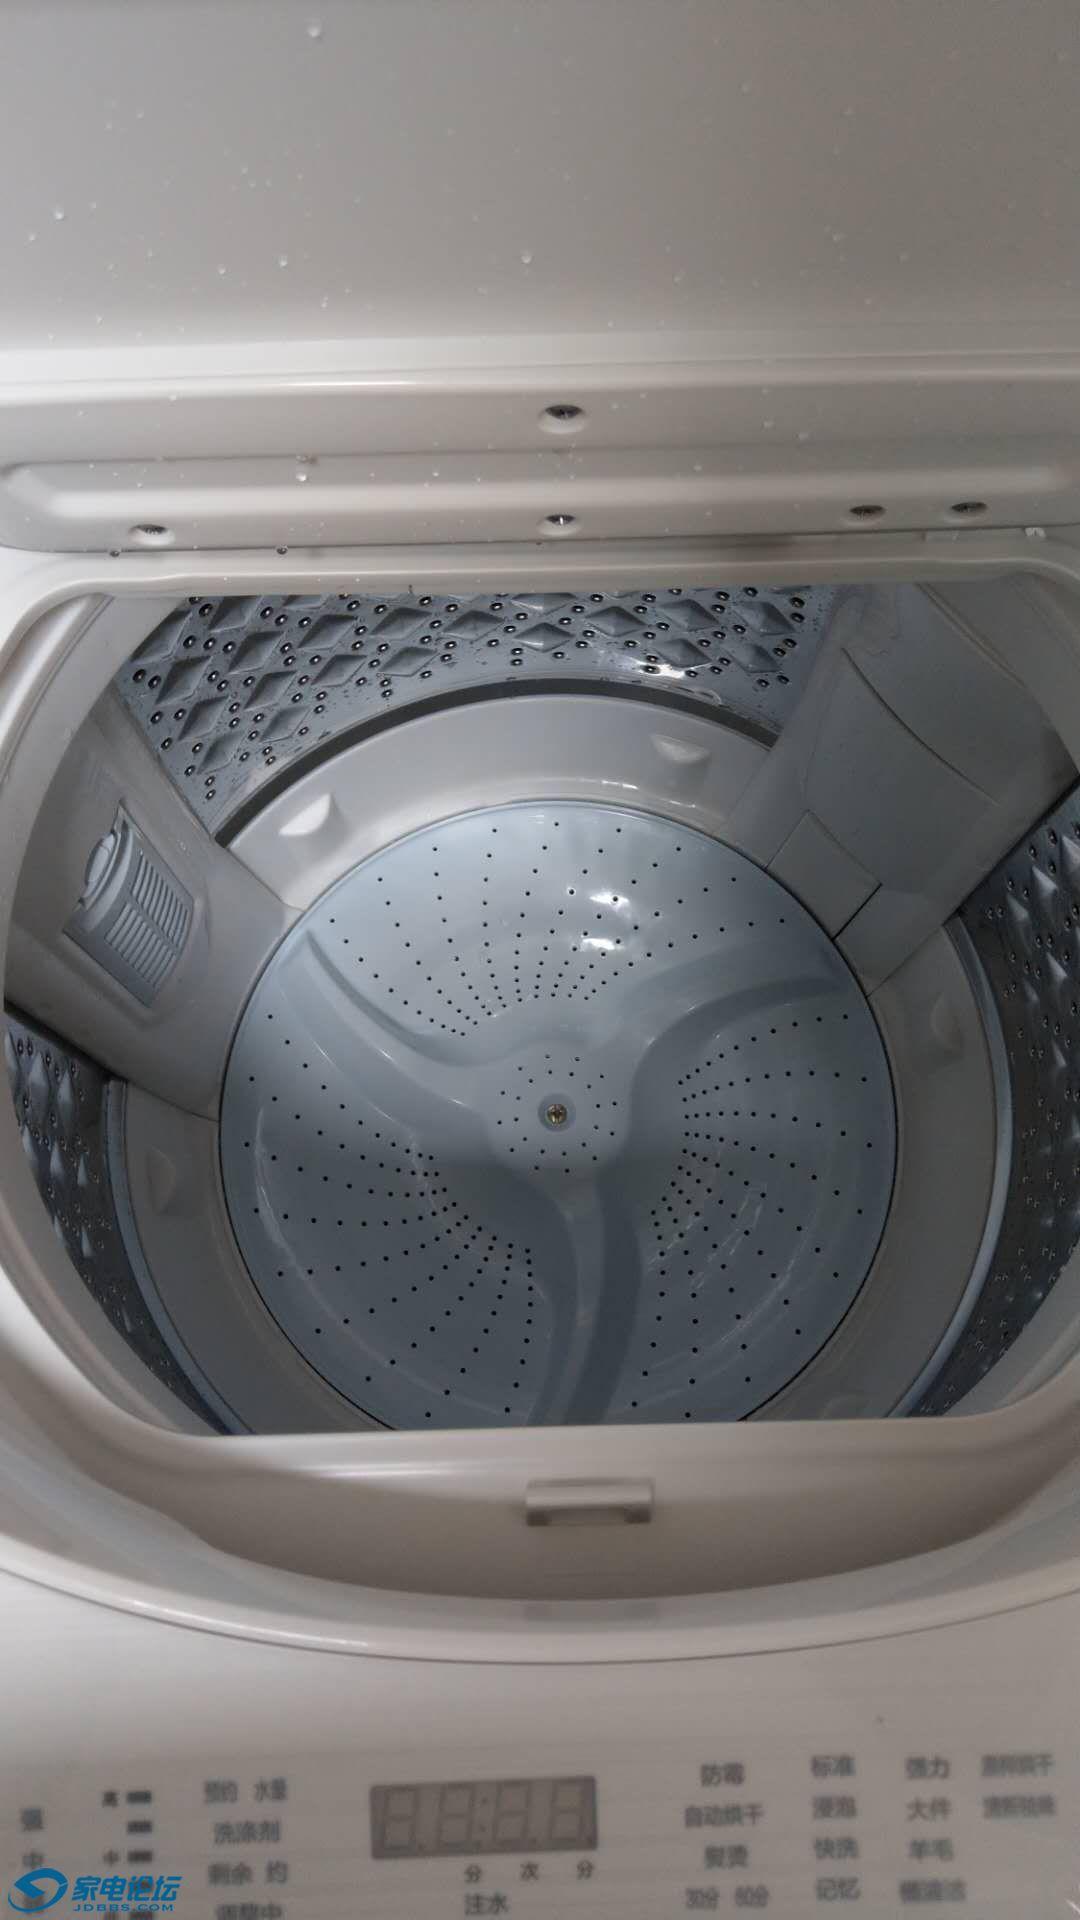 安装师傅放水还给试了下甩干稳不稳,后来看说明书才知道洗衣机自带测试程序。,